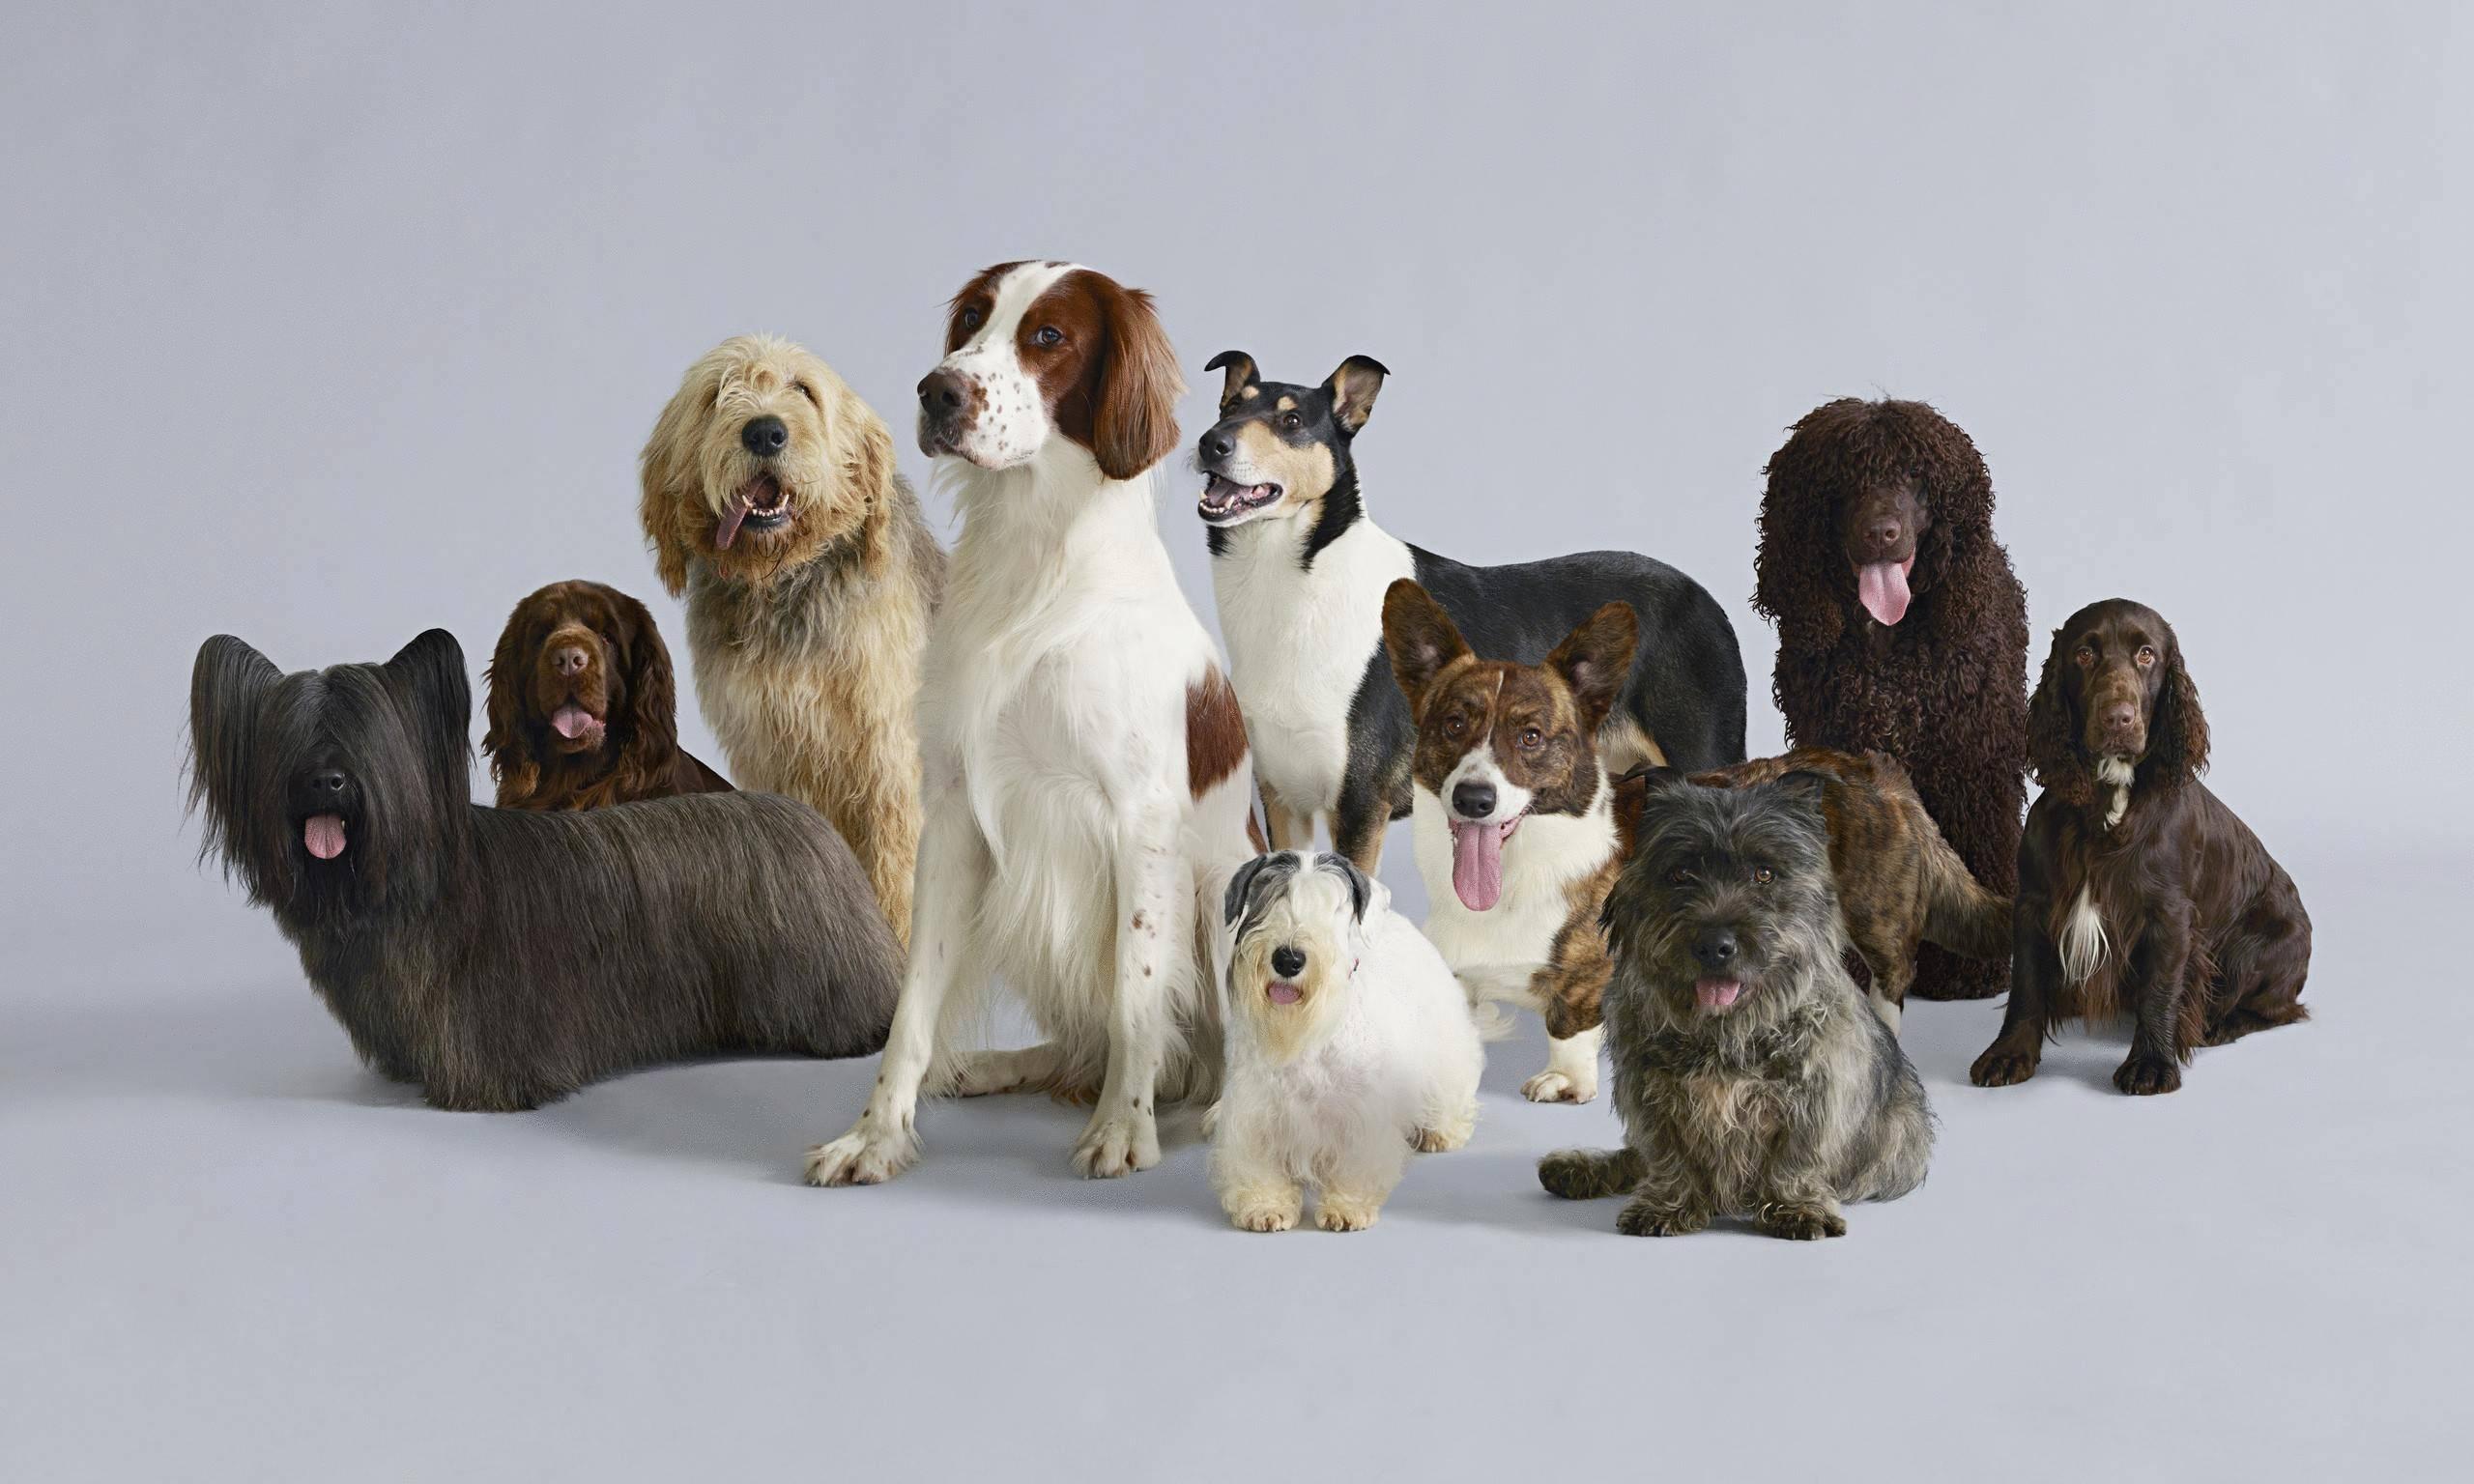 Самые умные породы собак - рейтинг самых умных пород собак в мире с названиями и фотографиями | petguru